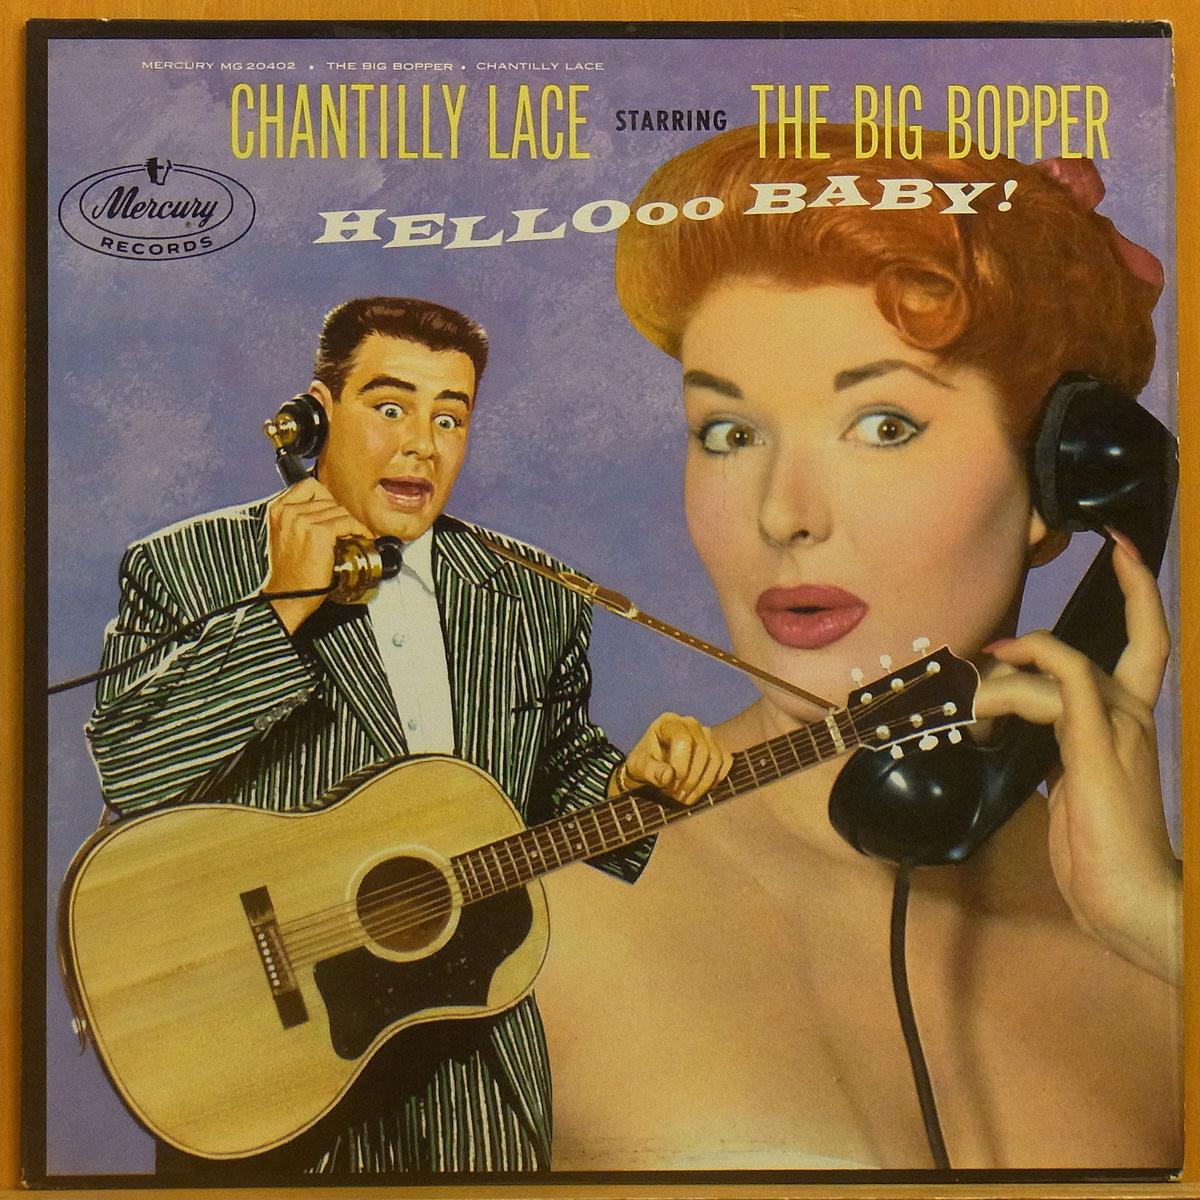 ◆激レア!美品!MONO!★The Big Bopper「Chantilly Lace」USオリジLP #55299_画像1